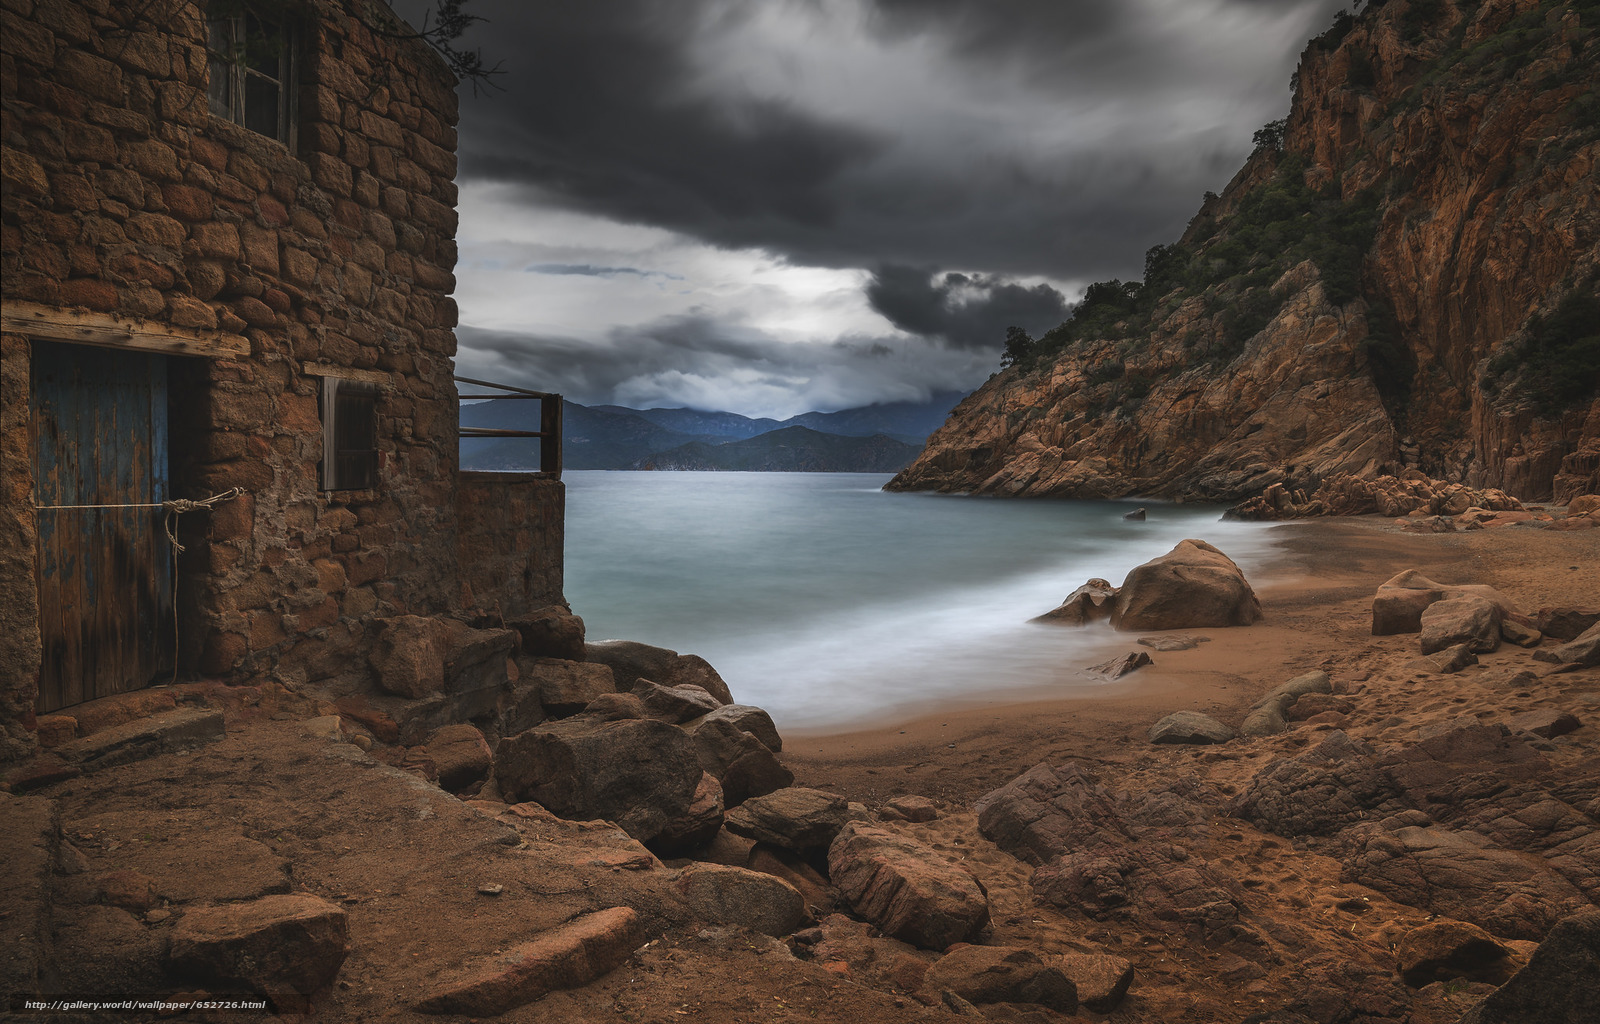 Скачать обои море,  камни,  небо,  тучи бесплатно для рабочего стола в разрешении 2048x1311 — картинка №652726